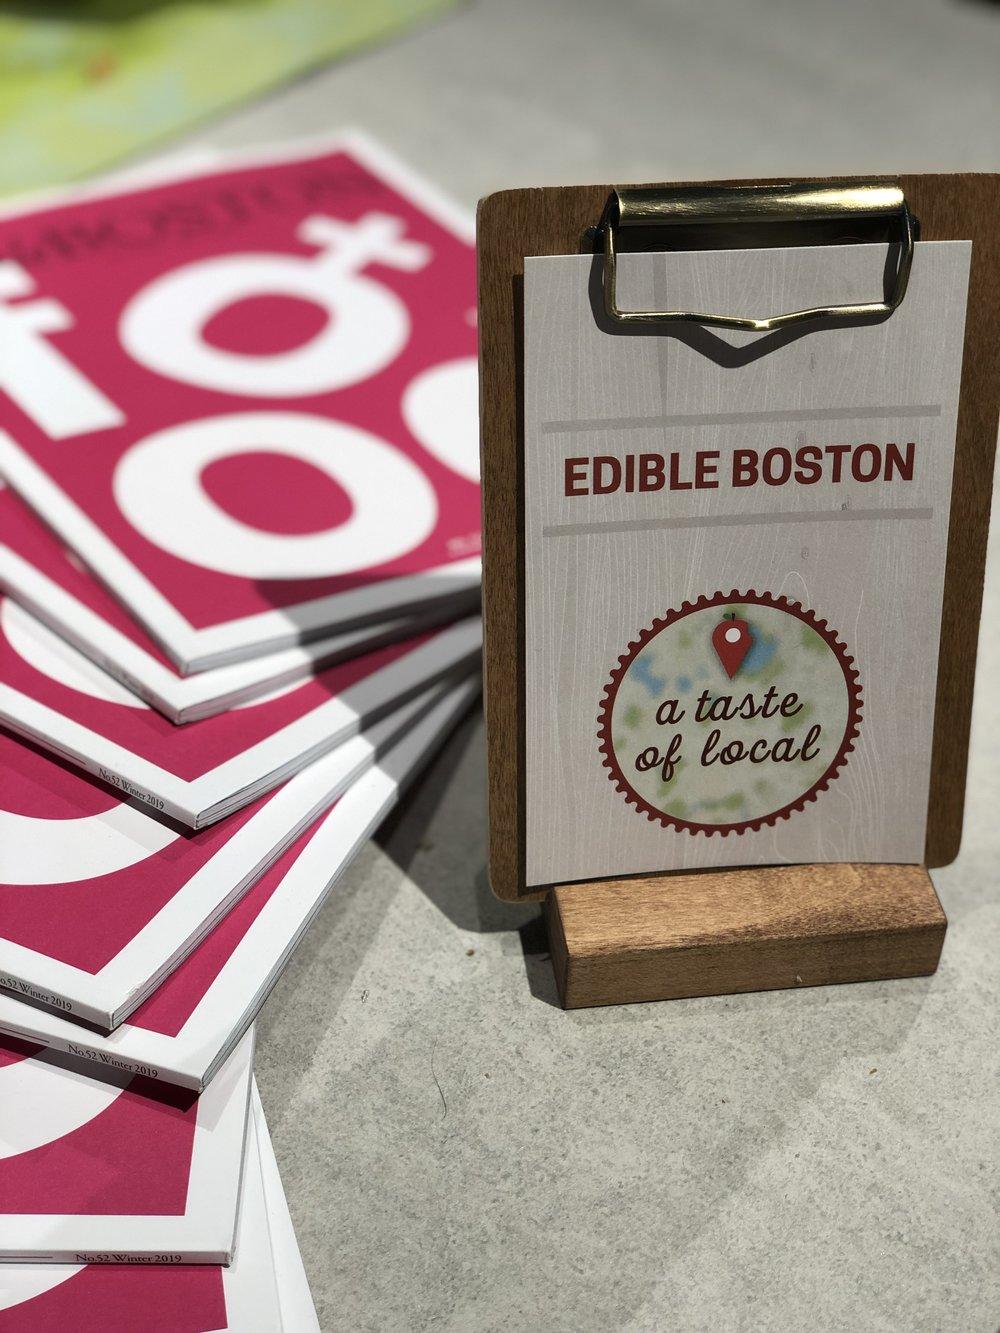 Edible Boston